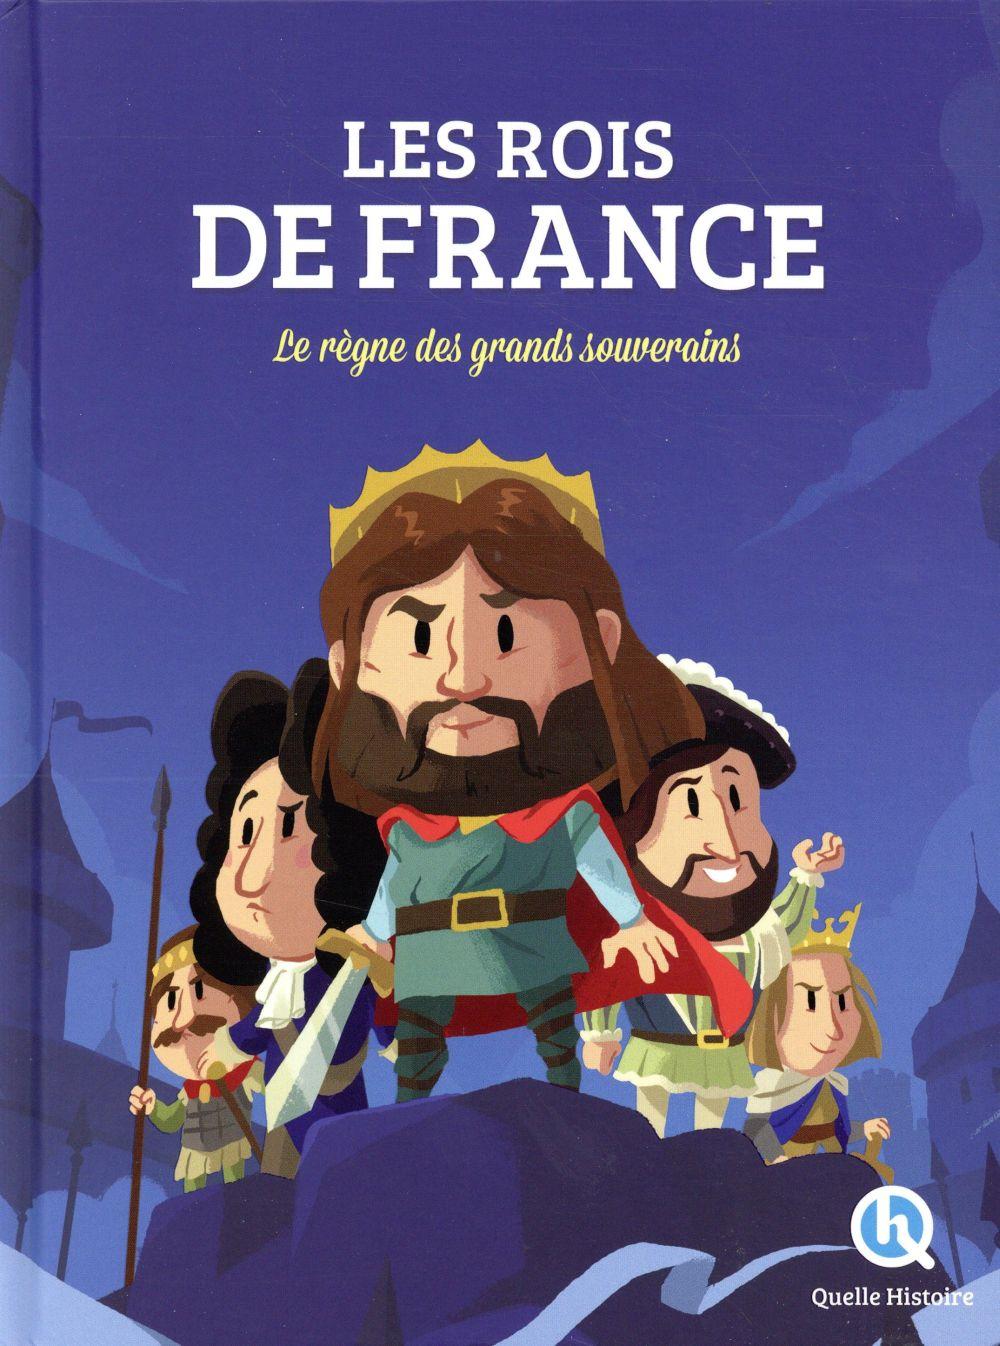 LES ROIS DE FRANCE V. BARON CLEMENTINE